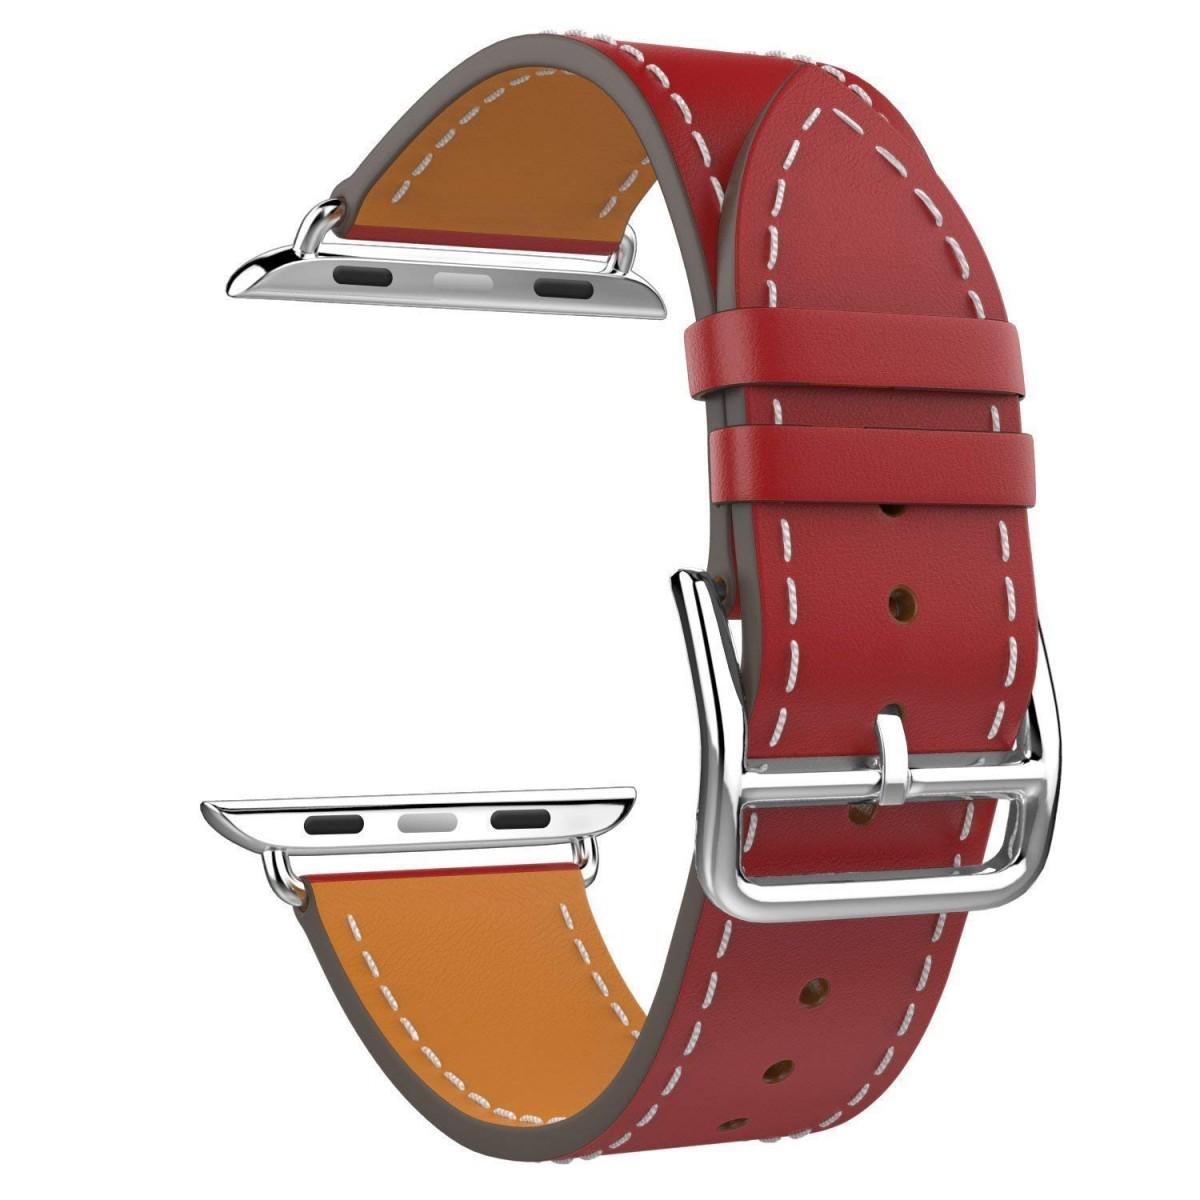 Řemínek Single Tour pro Apple Watch Series 3/2/1 (42mm) - Červený